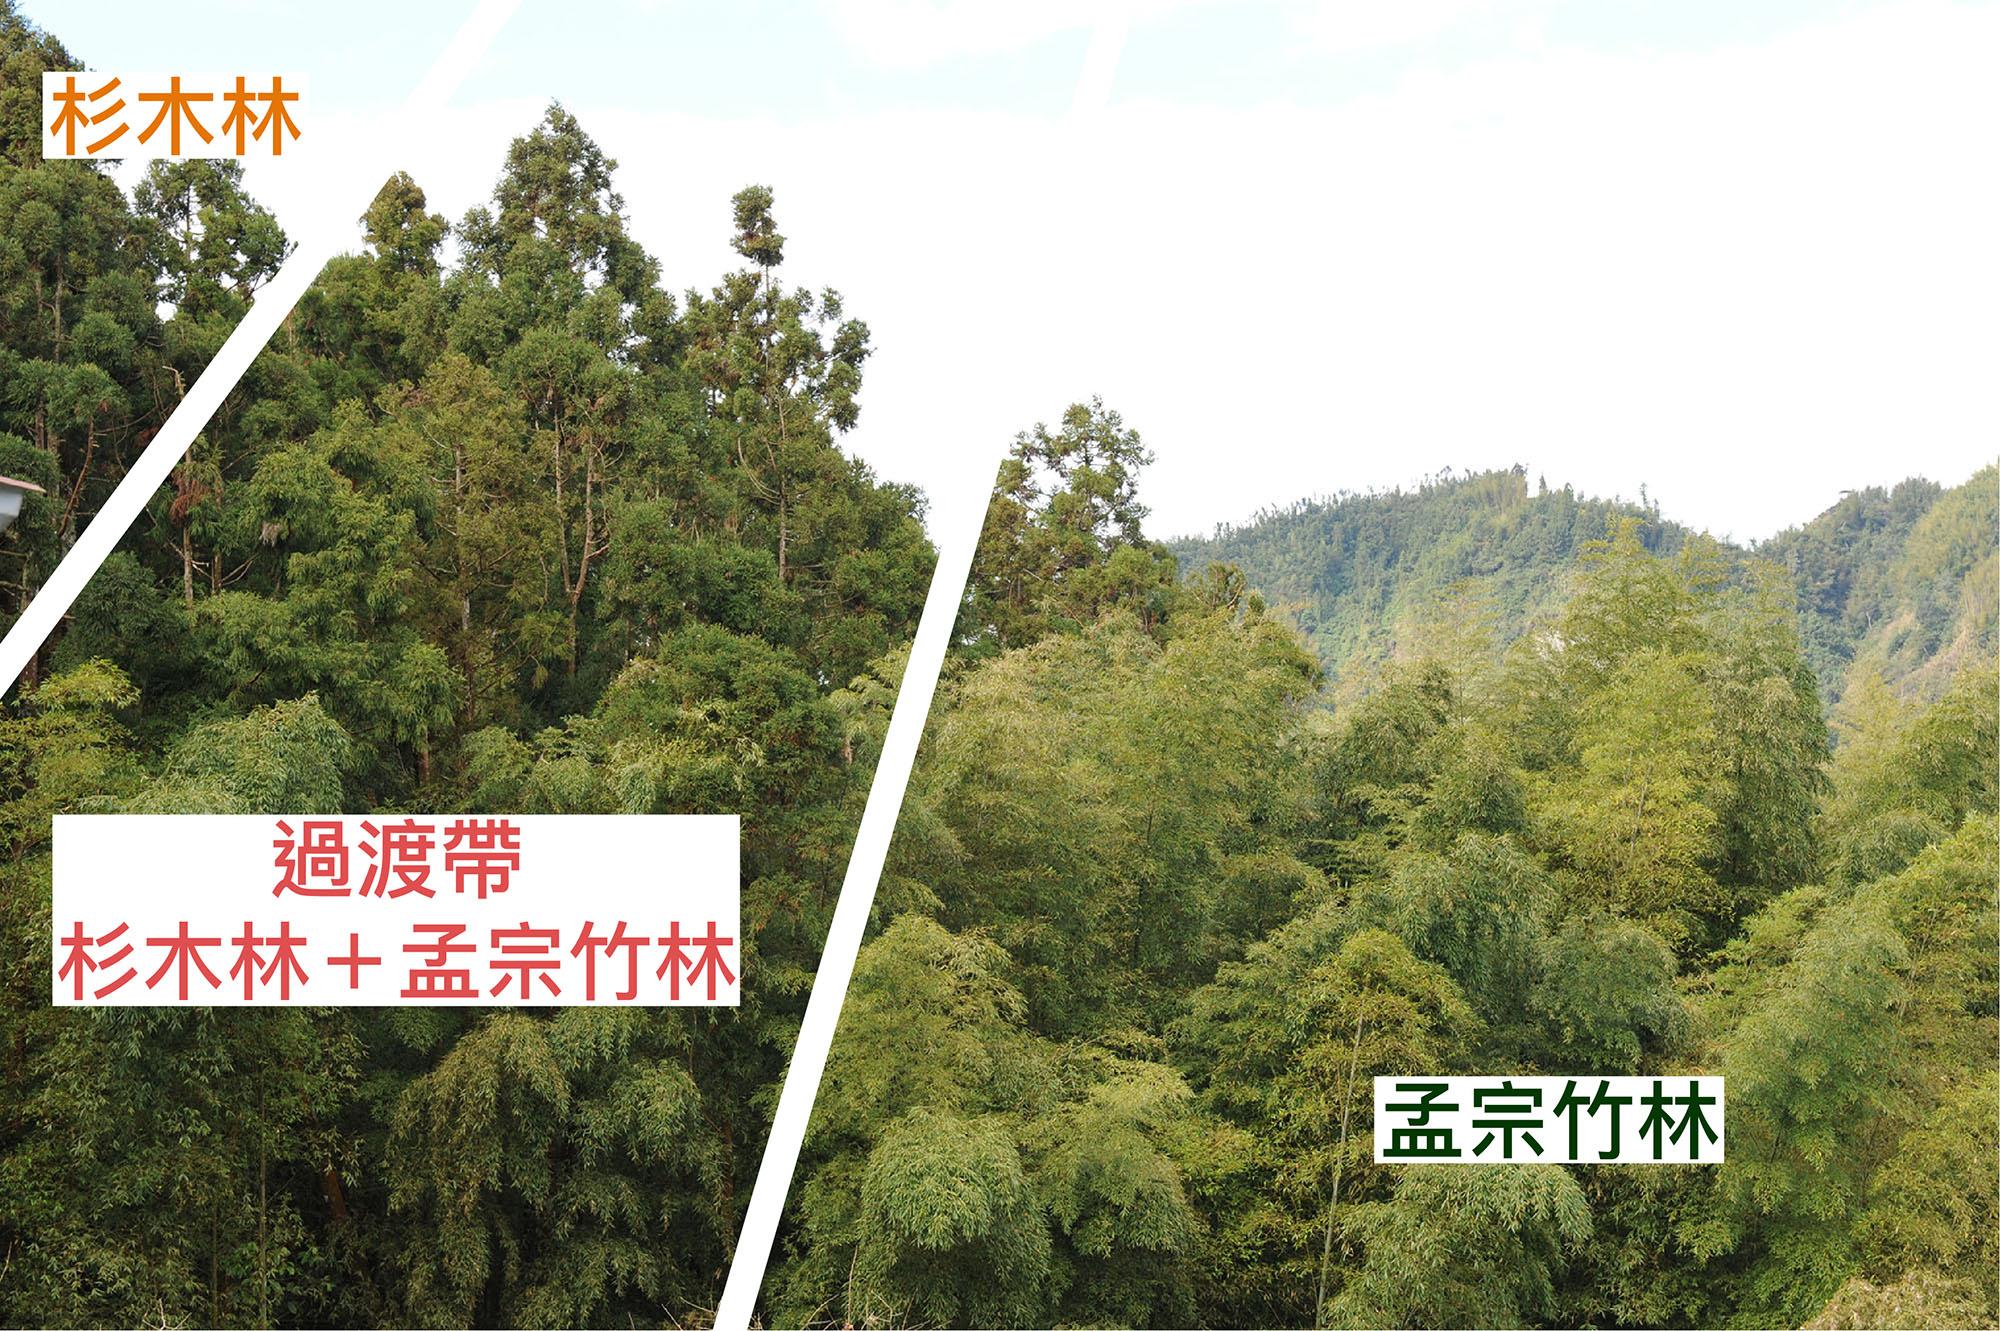 孟宗竹林侵入鄰近的杉木或闊葉林,是臺灣山區常見的景象。 資料來源│邱志郁(溪頭羊彎) 圖說重製│廖英凱、張語辰